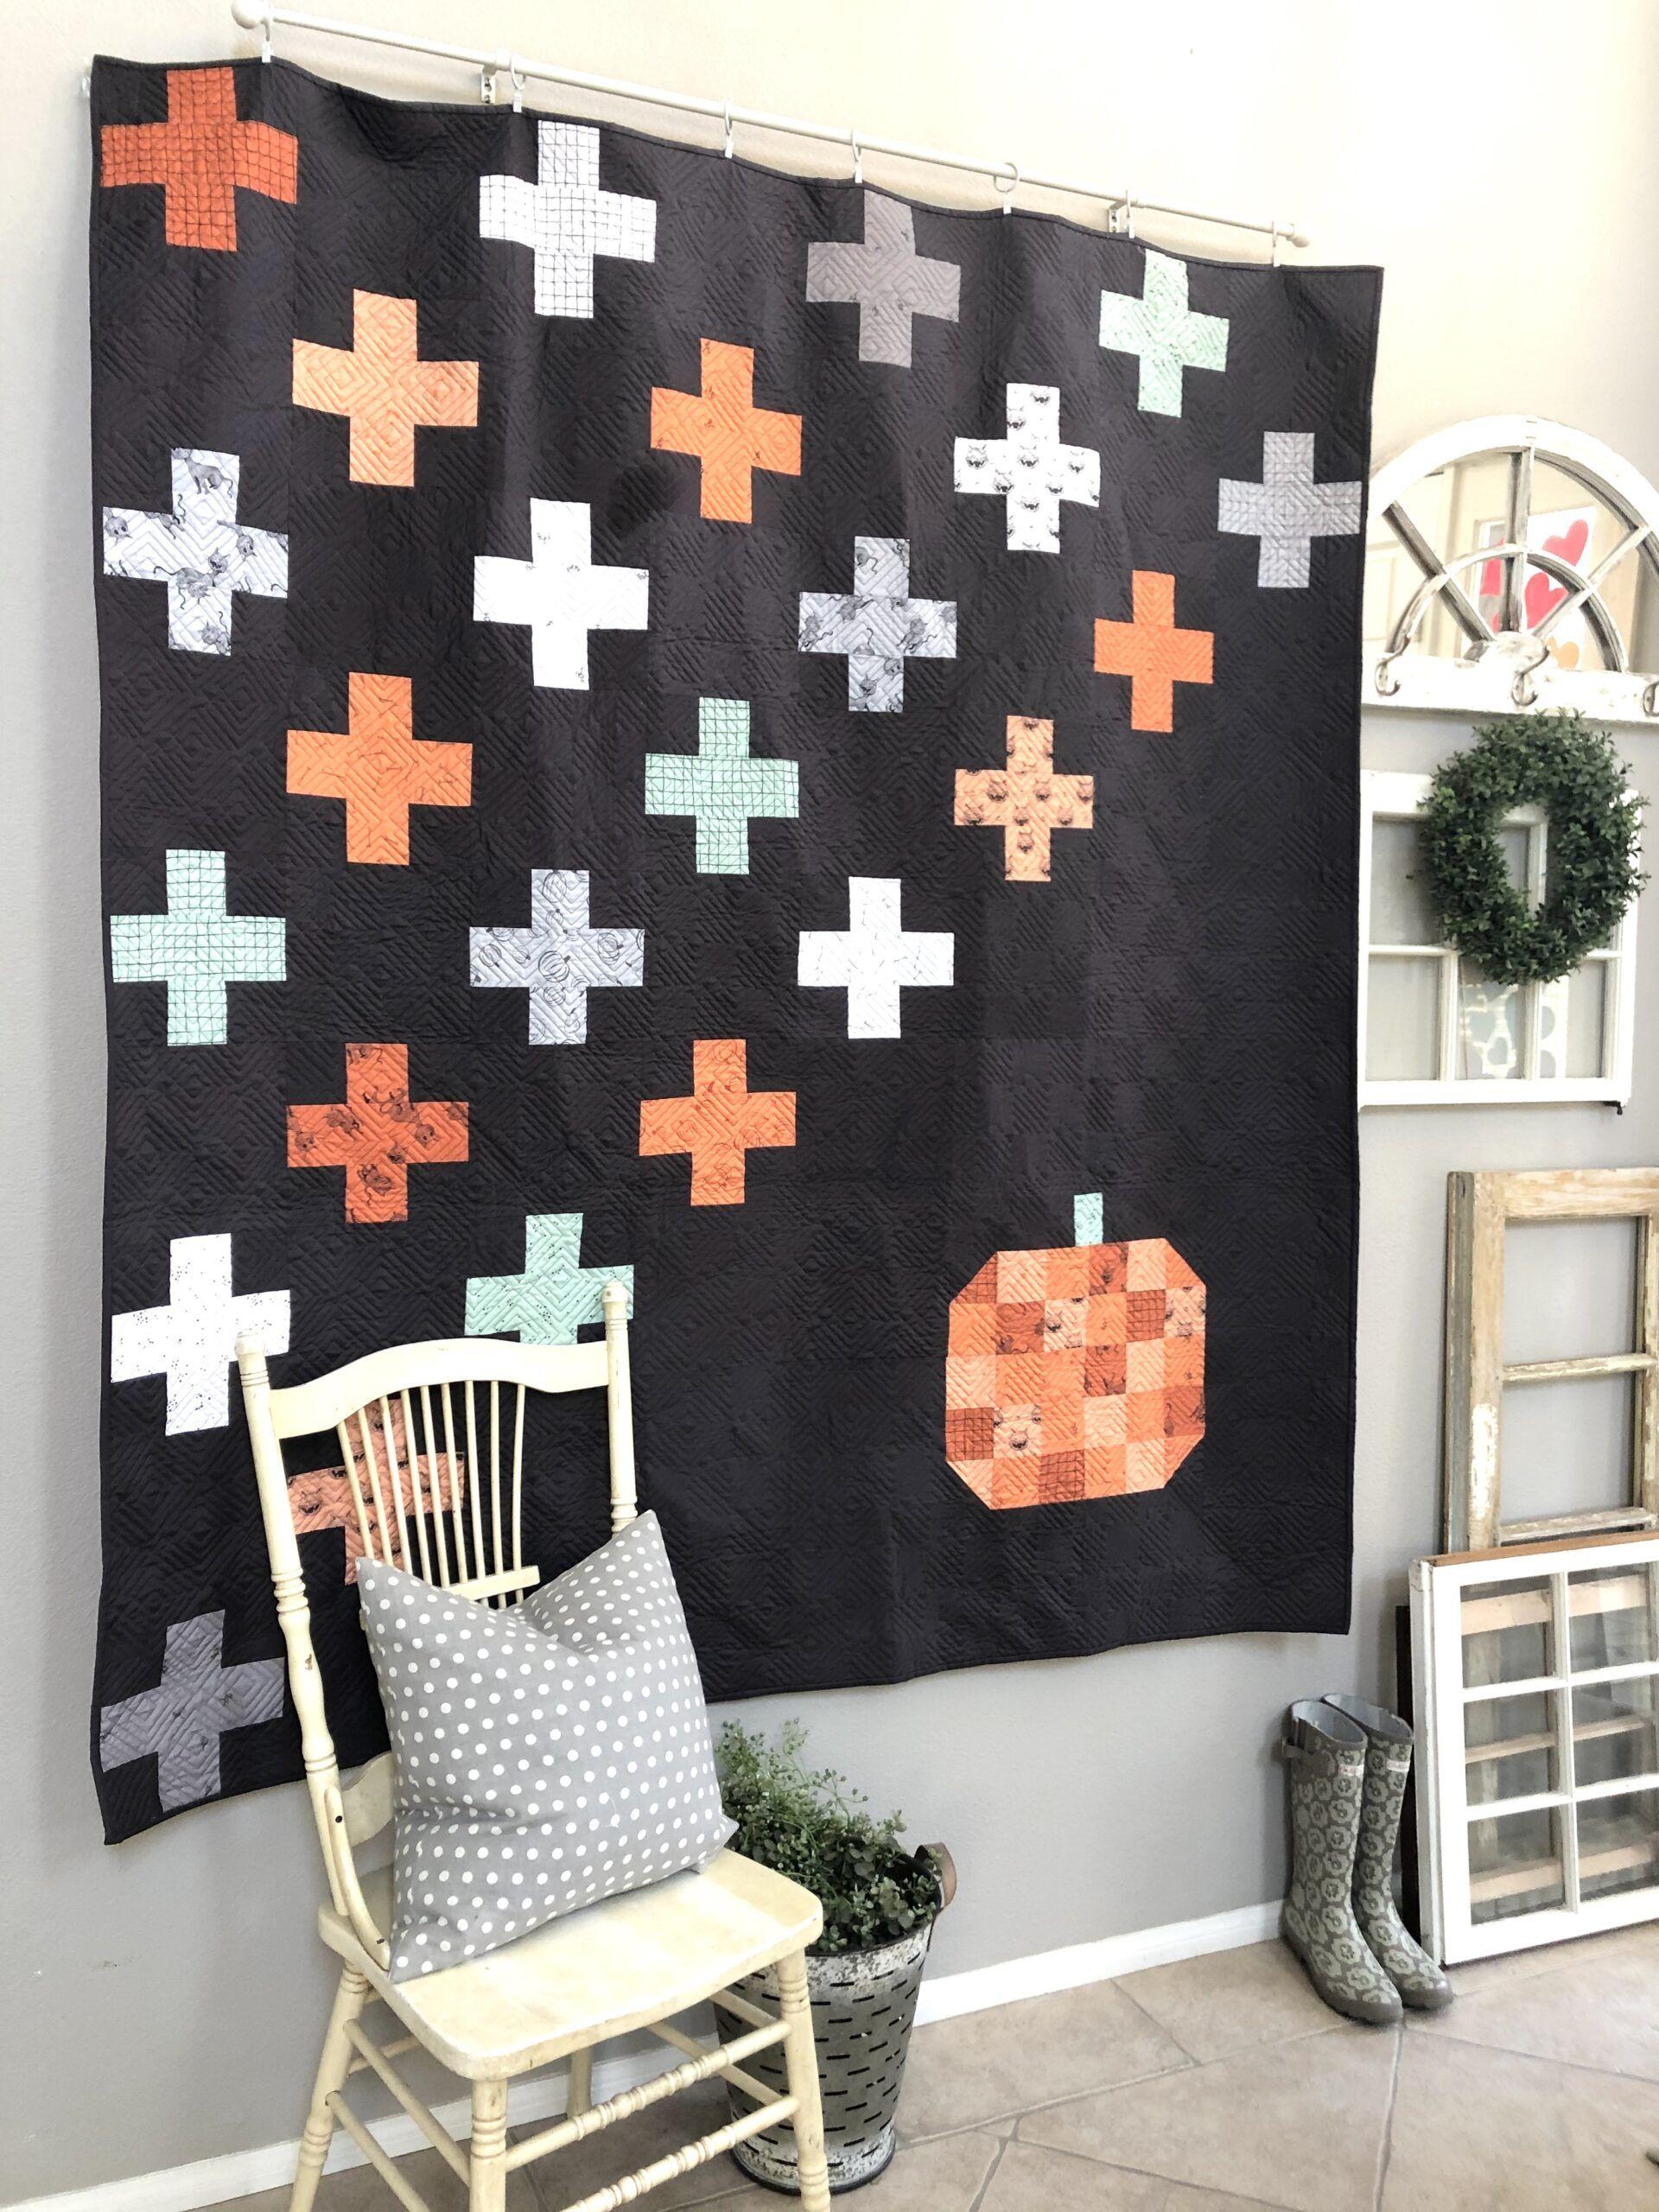 Swiss Halloween 2020 Swiss Fall Bliss Quilt in 2020 | Quilts, Digital quilt pattern